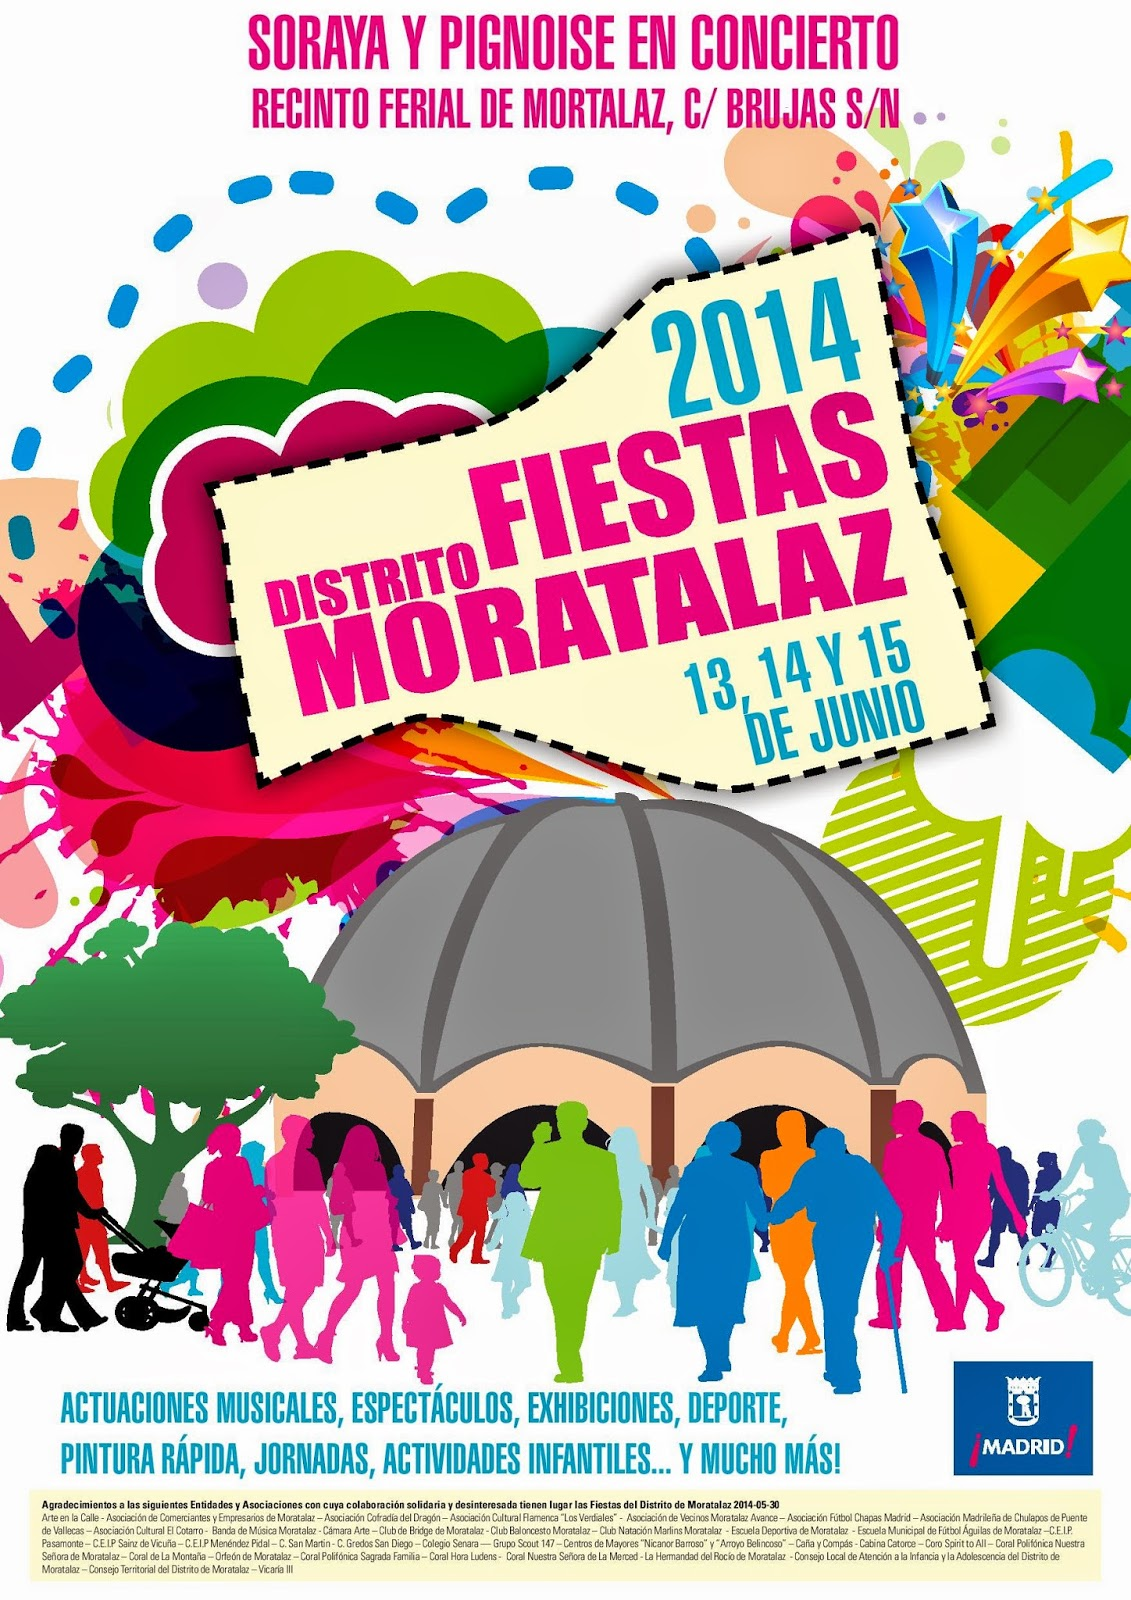 Cartel de las Fiestas de Moratalaz 2014